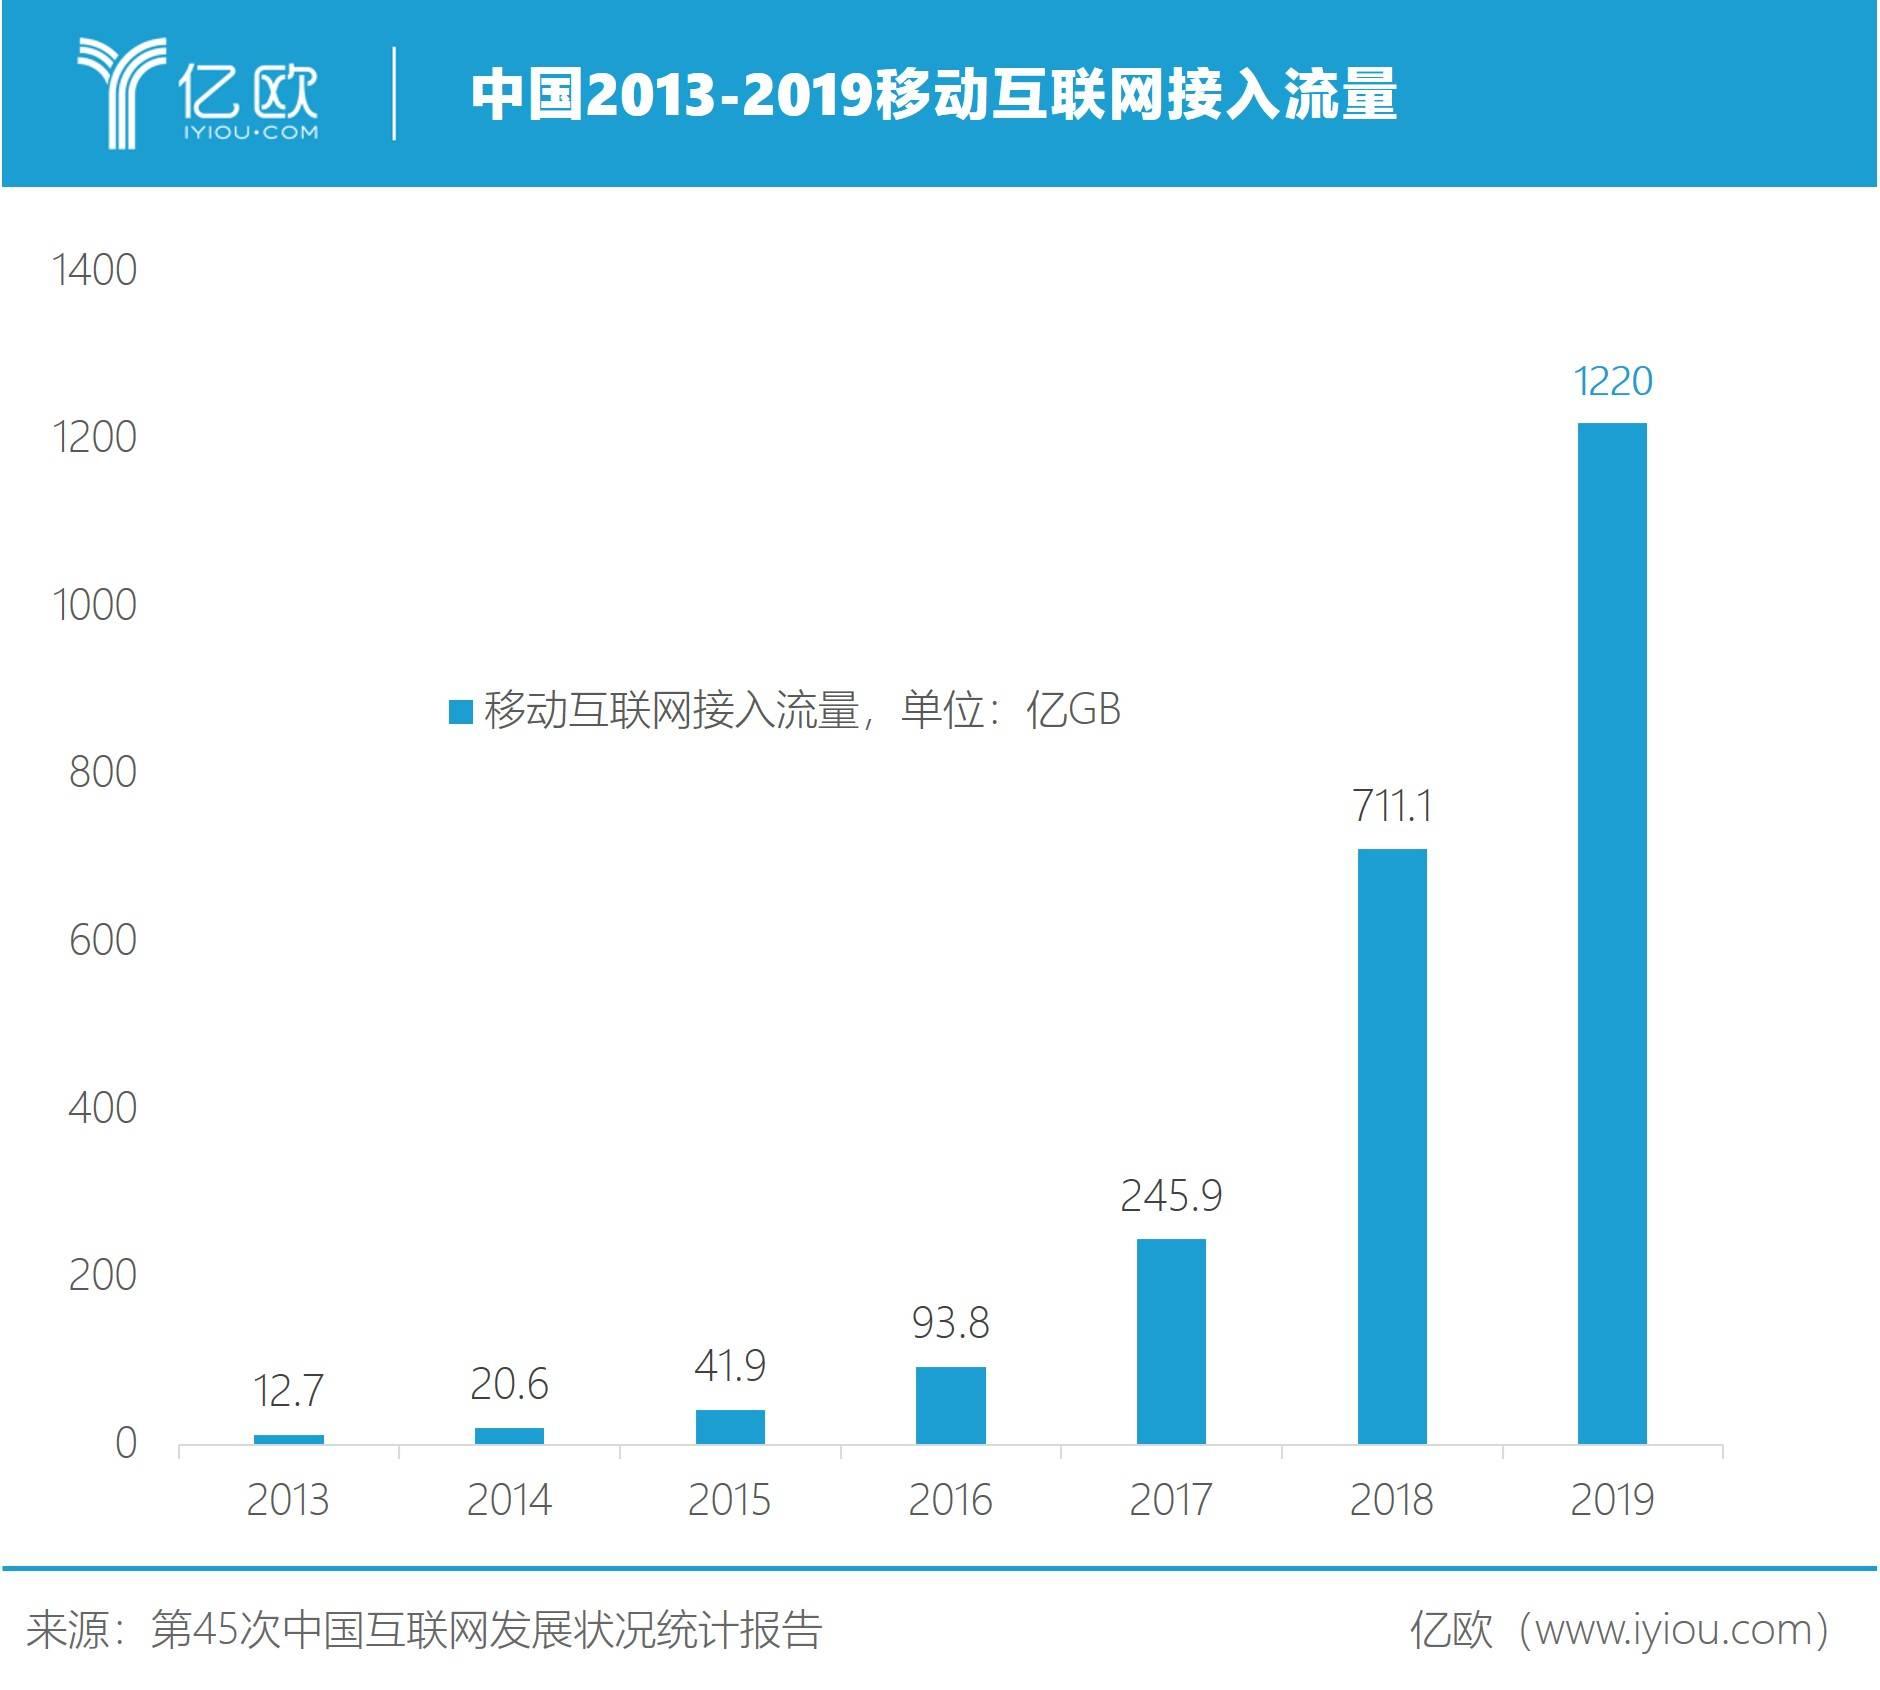 中国2013-2019移动互联网接入流量